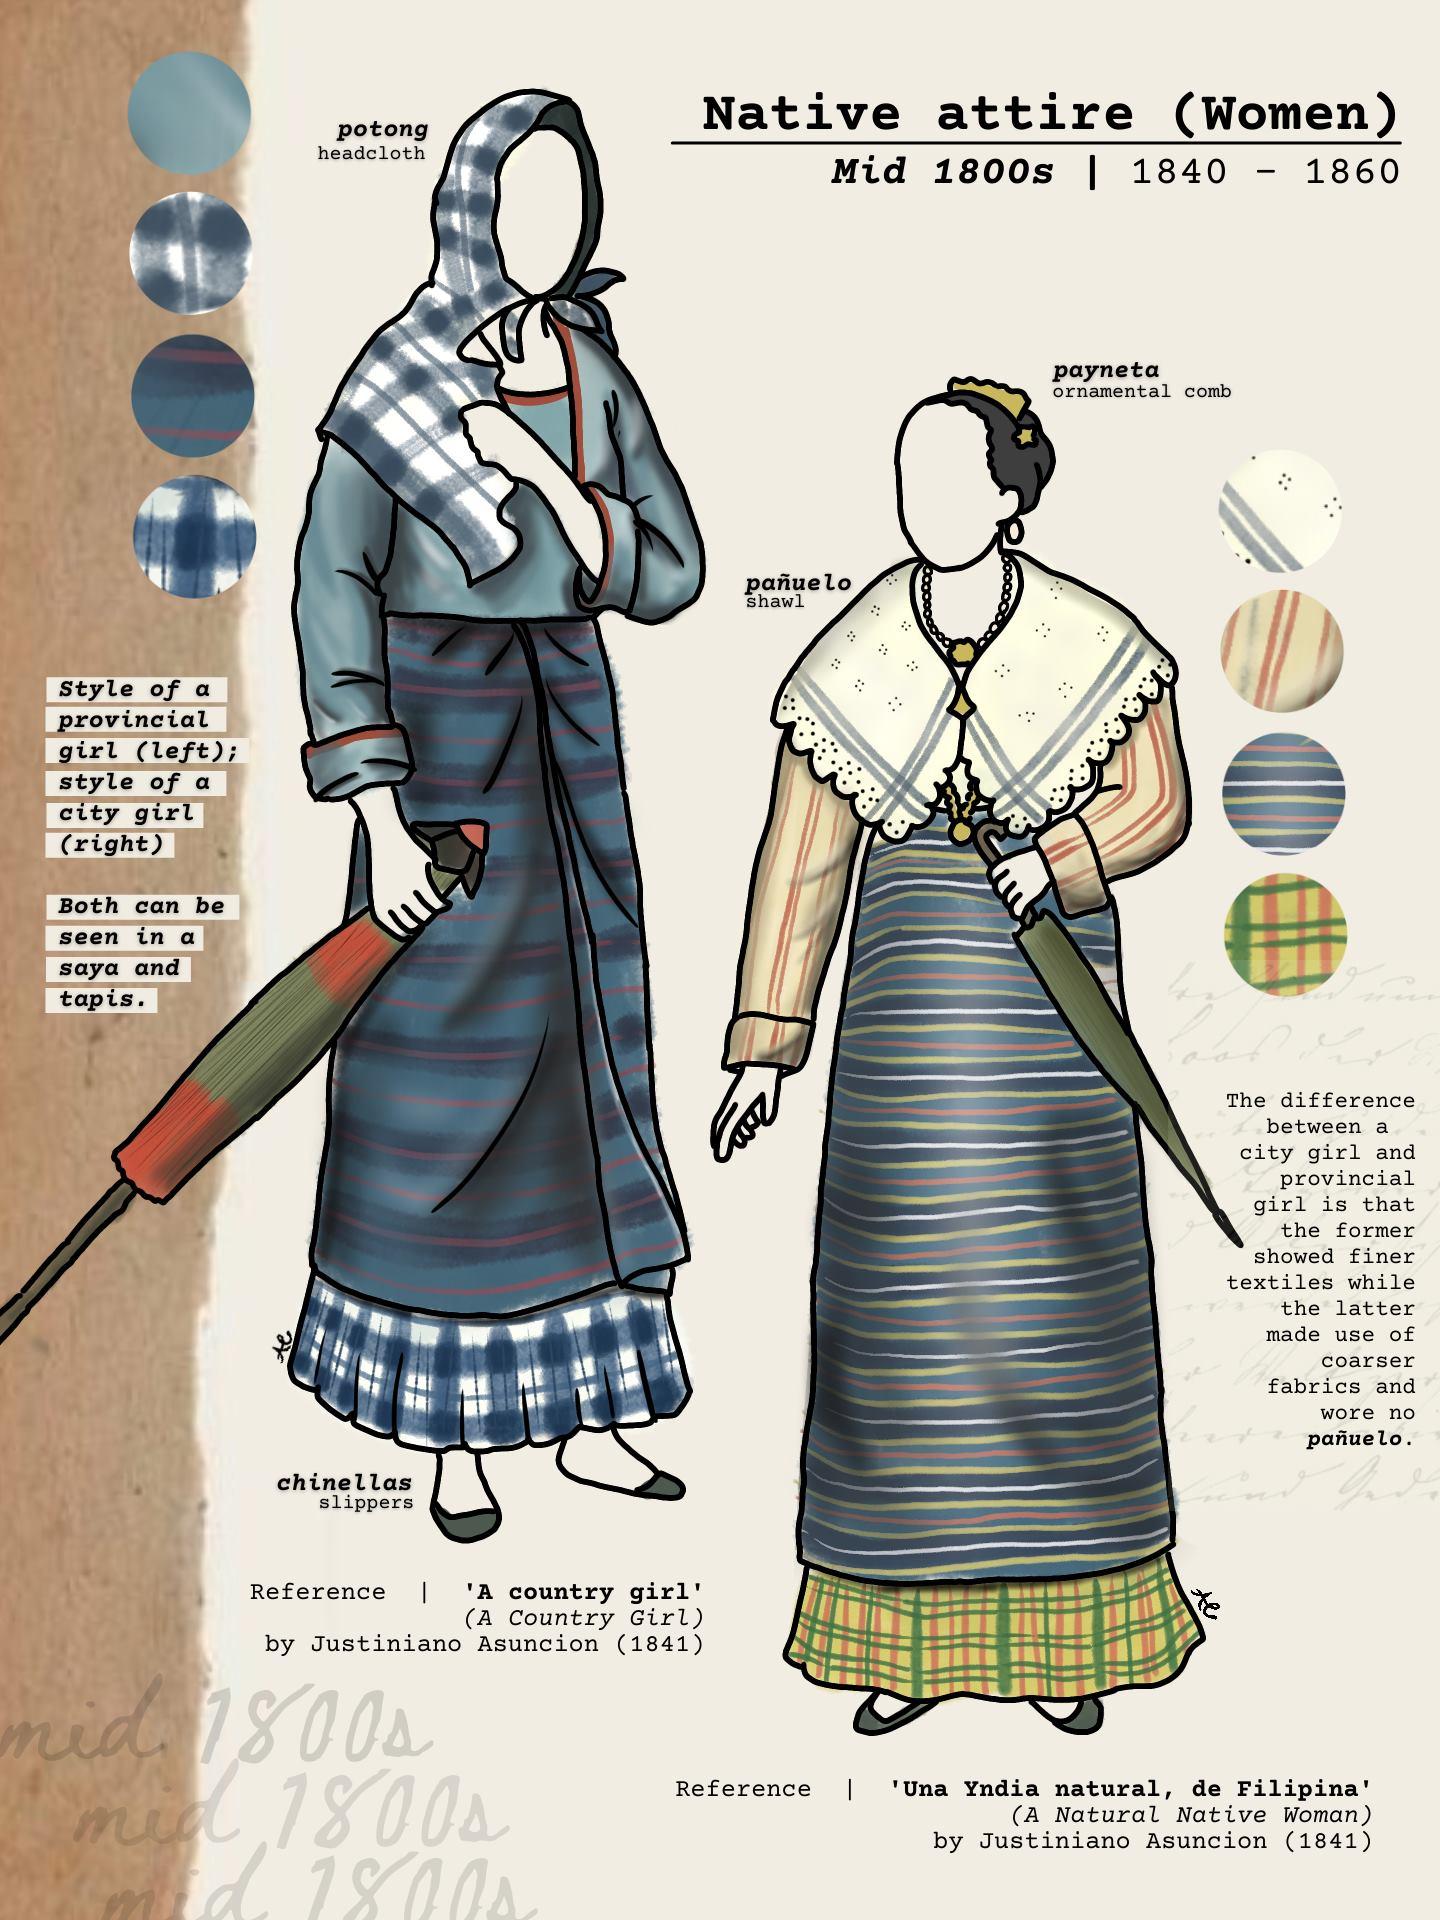 Native Attire for Women (mid 1800s)